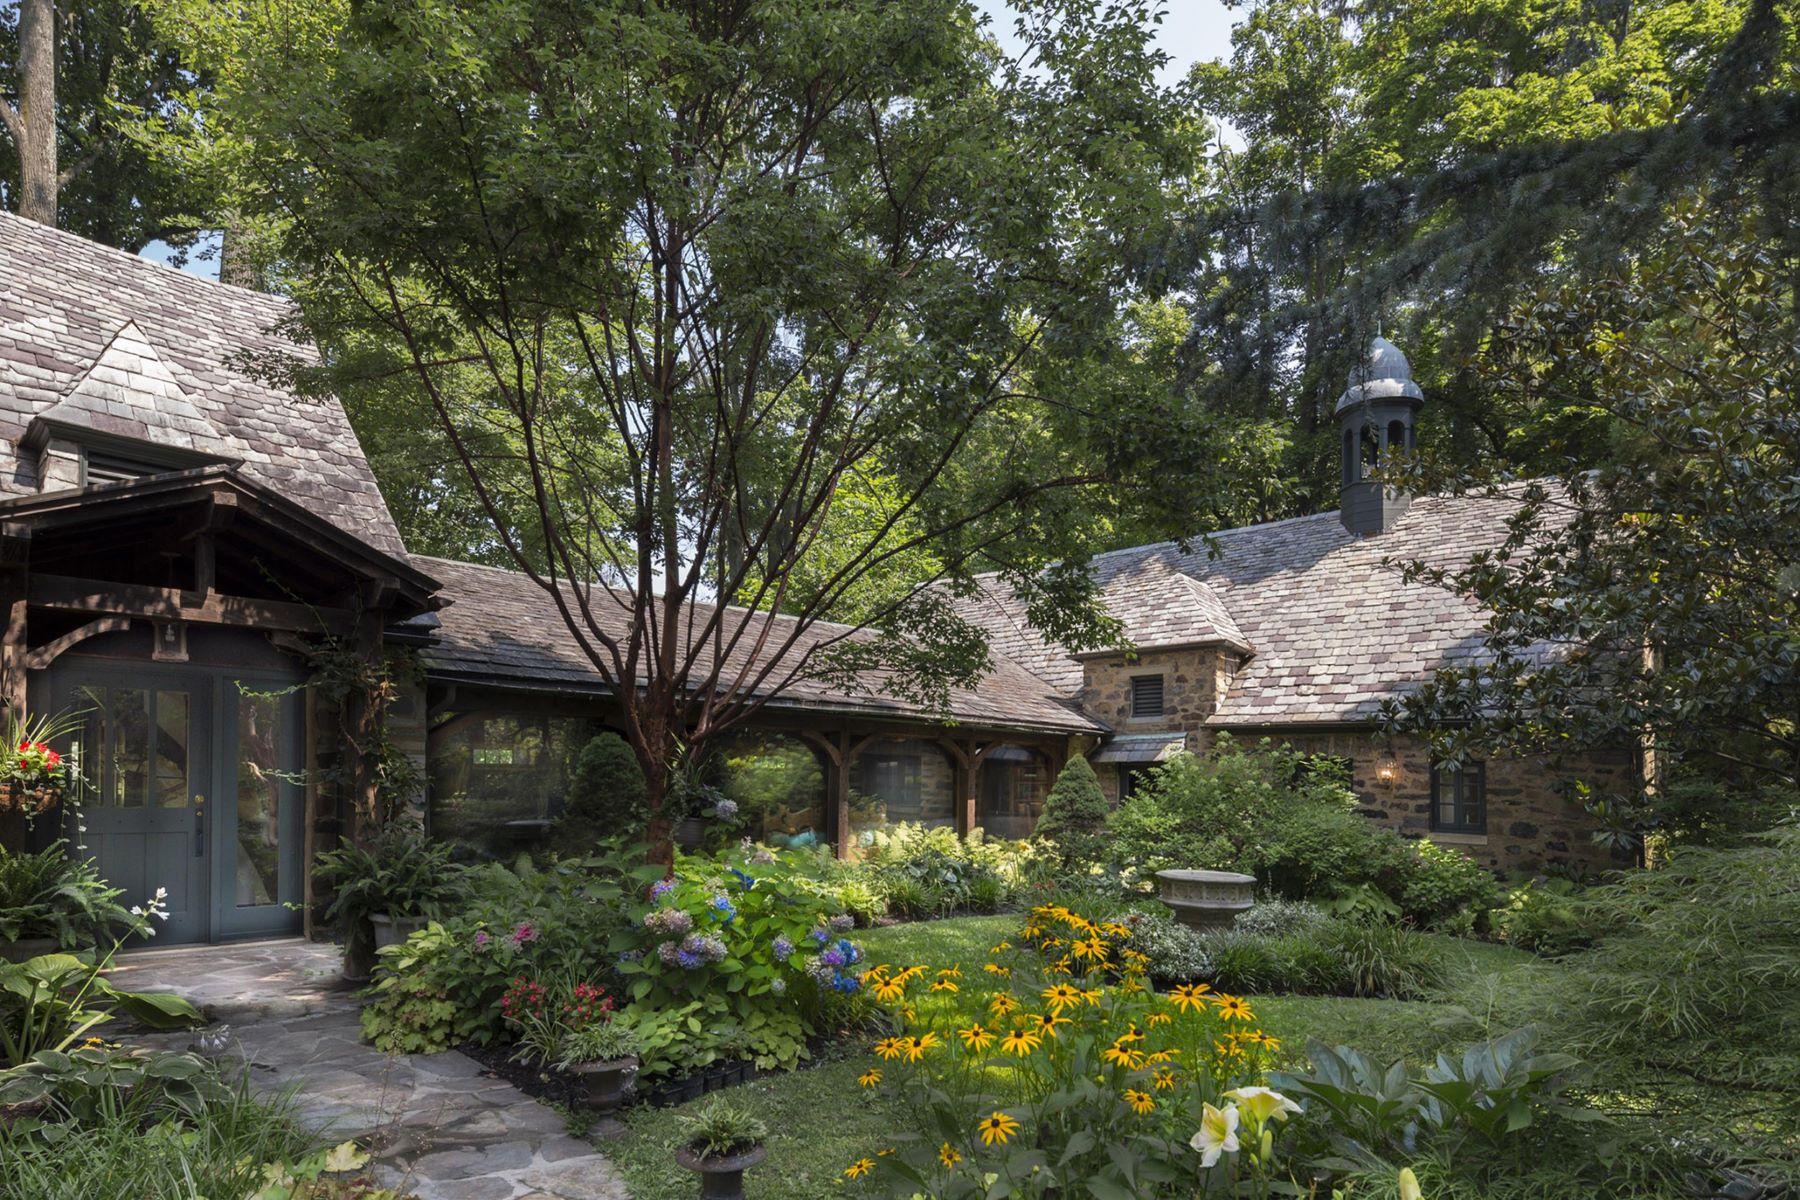 Maison unifamiliale pour l Vente à The Stables at Bloomfield Farm 22 VILLANOVA RD Villanova, Pennsylvanie, 19085 États-Unis